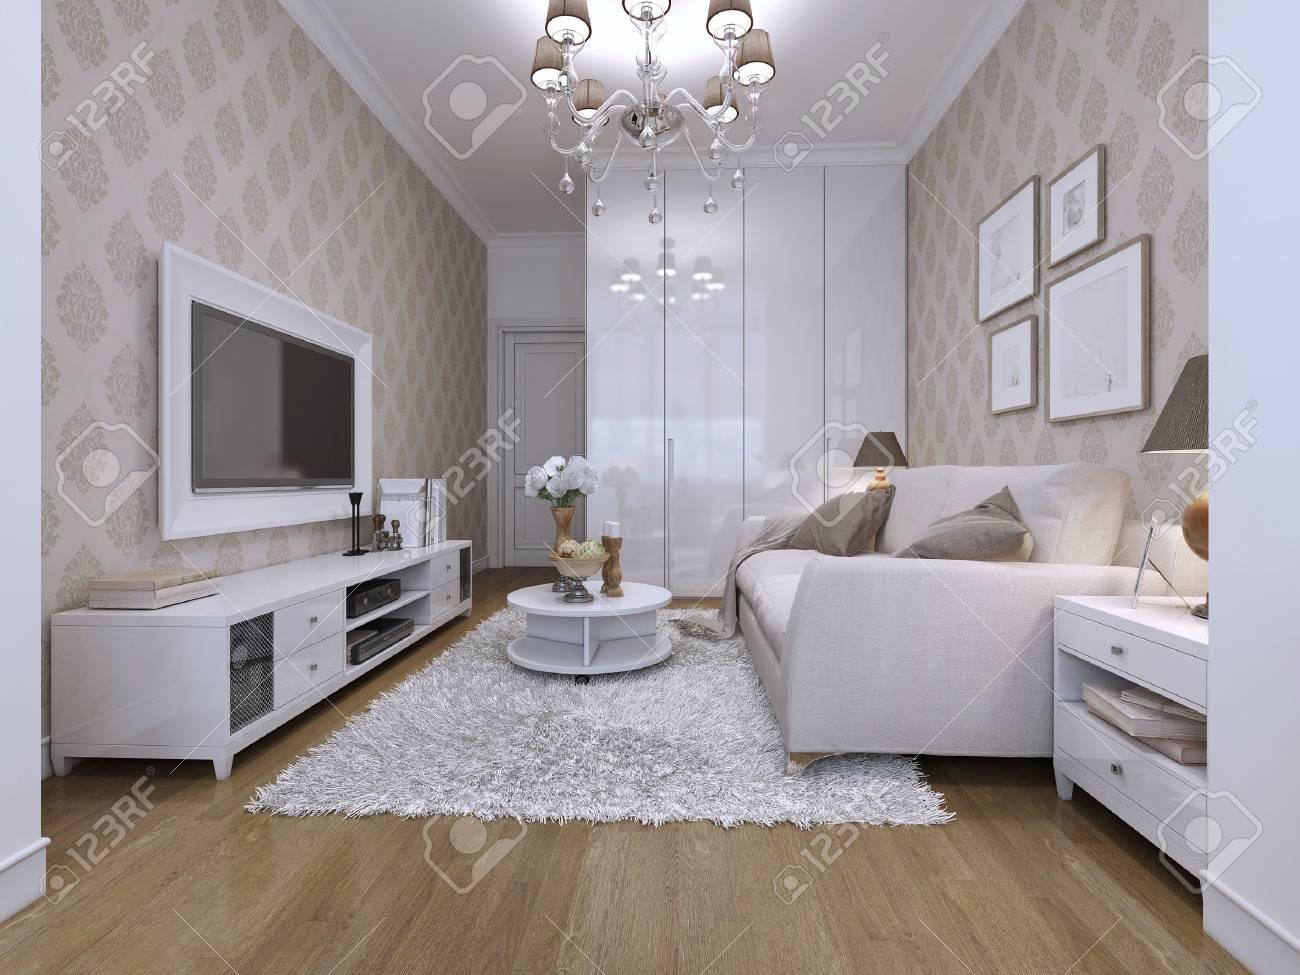 Papier Peint Chambre Moderne chambre d'hôtes dans un style moderne avec du papier peint classique. le  blanc et le beige. rendu 3d.